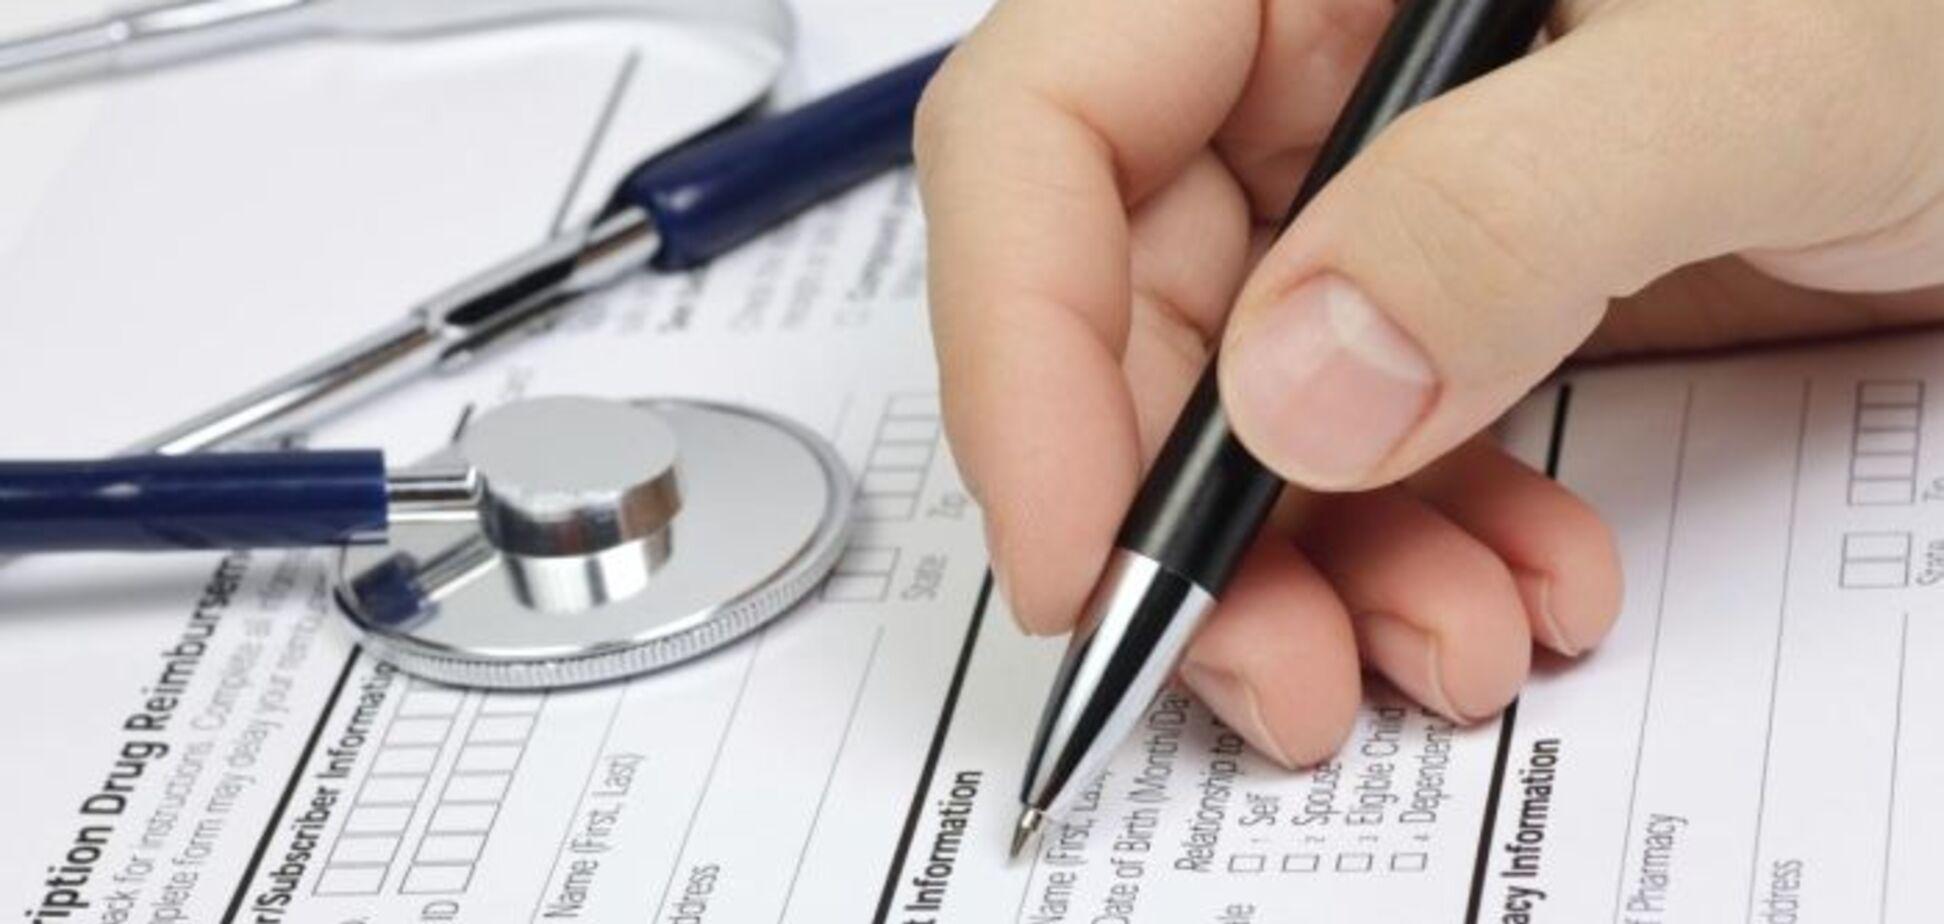 Эксперт рассказал, почему украинцы обречены на внедрение медицинского страхования